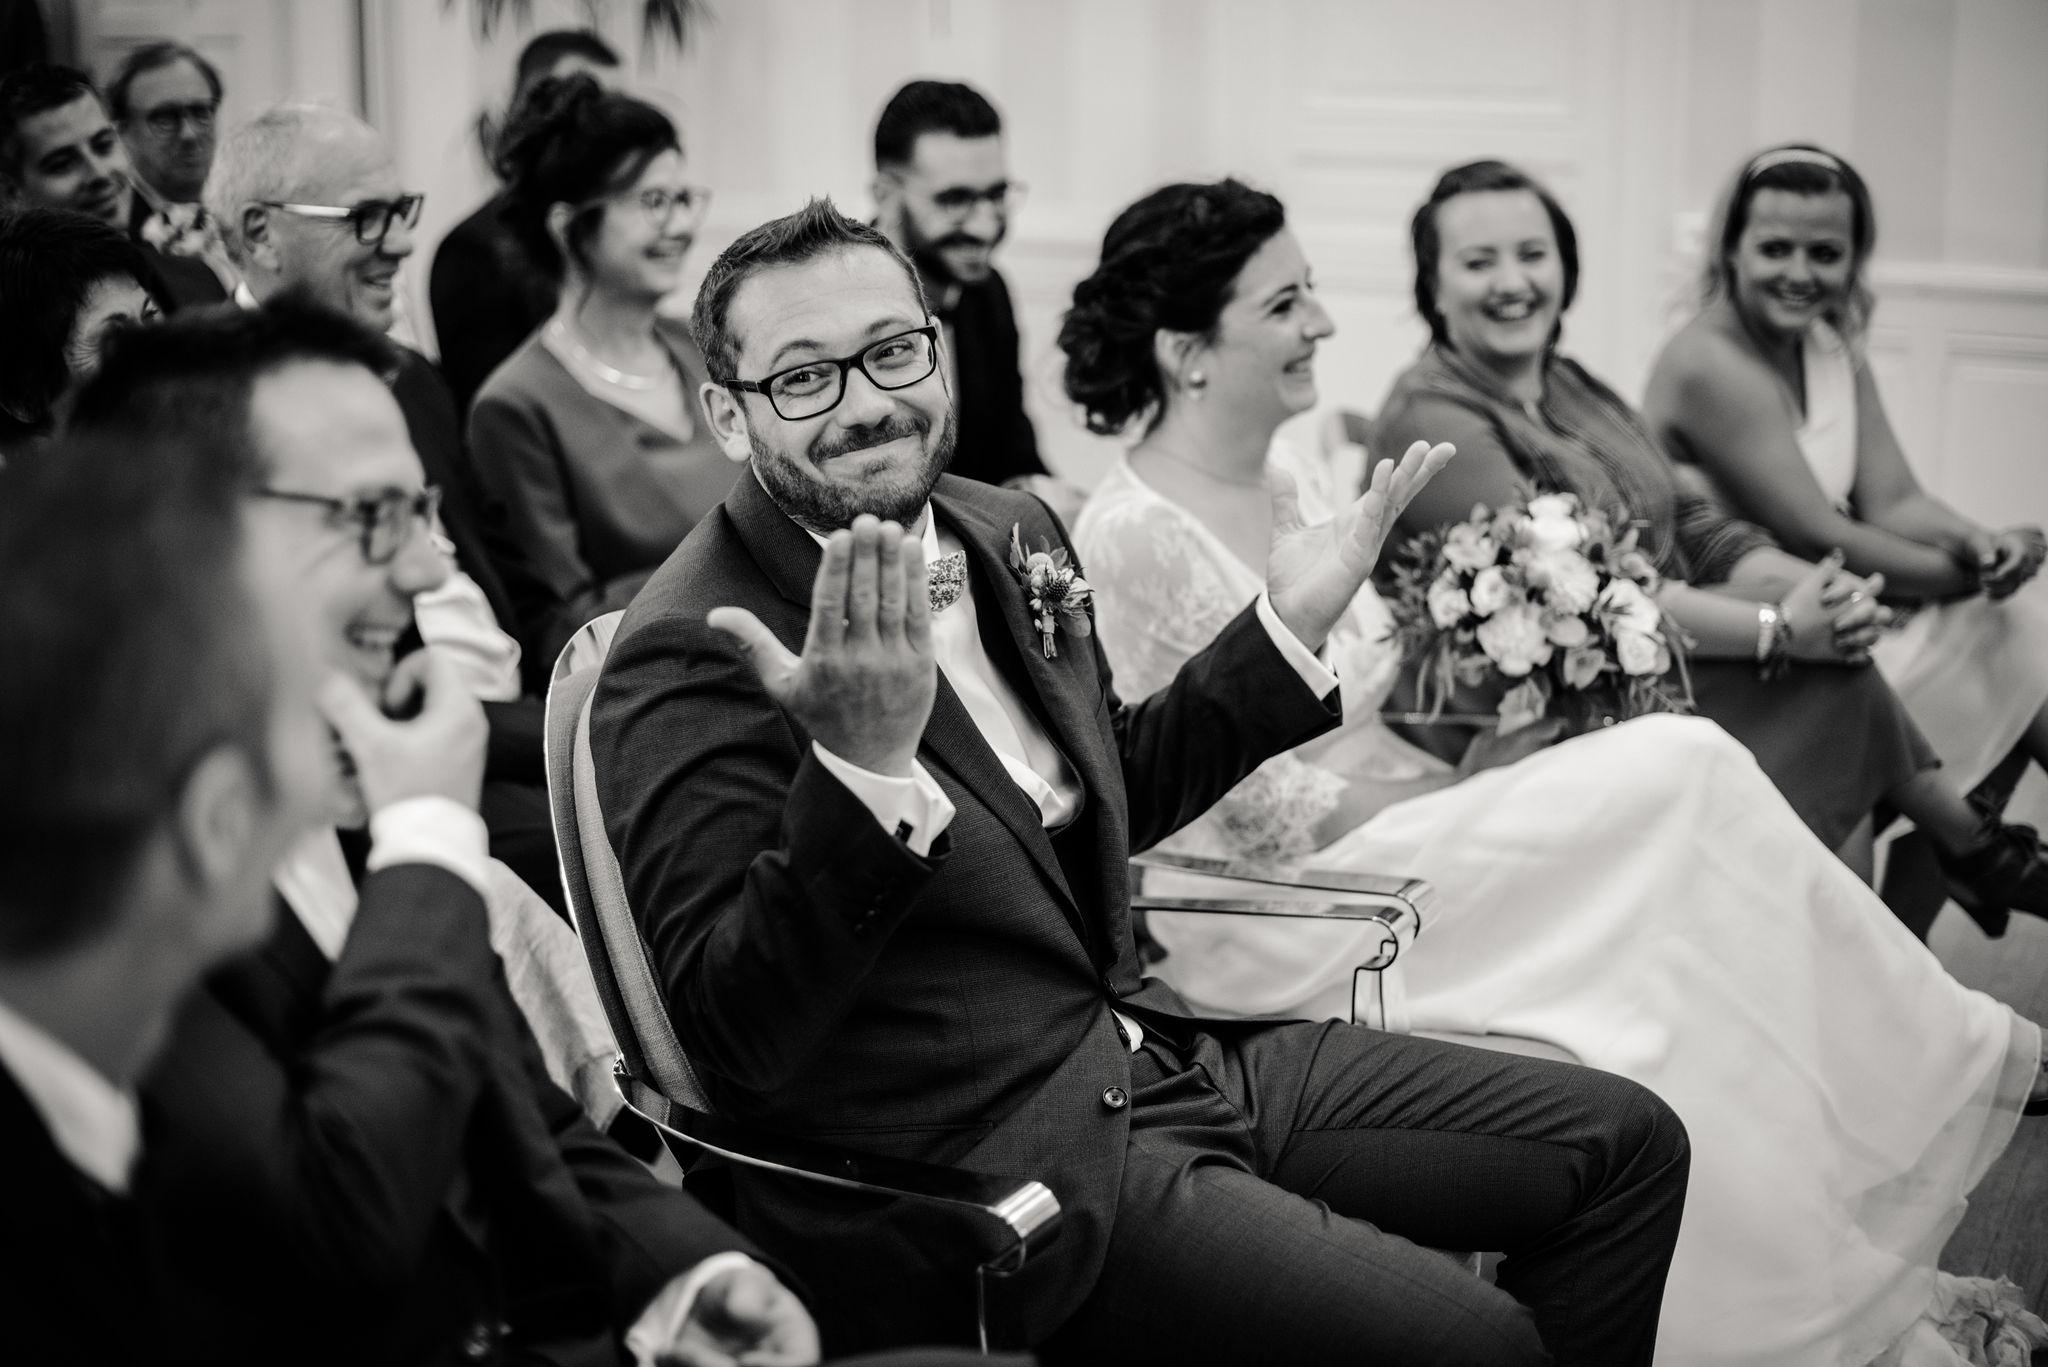 Léa-Fery-photographe-professionnel-lyon-rhone-alpes-portrait-creation-mariage-evenement-evenementiel-famille-6307.jpg